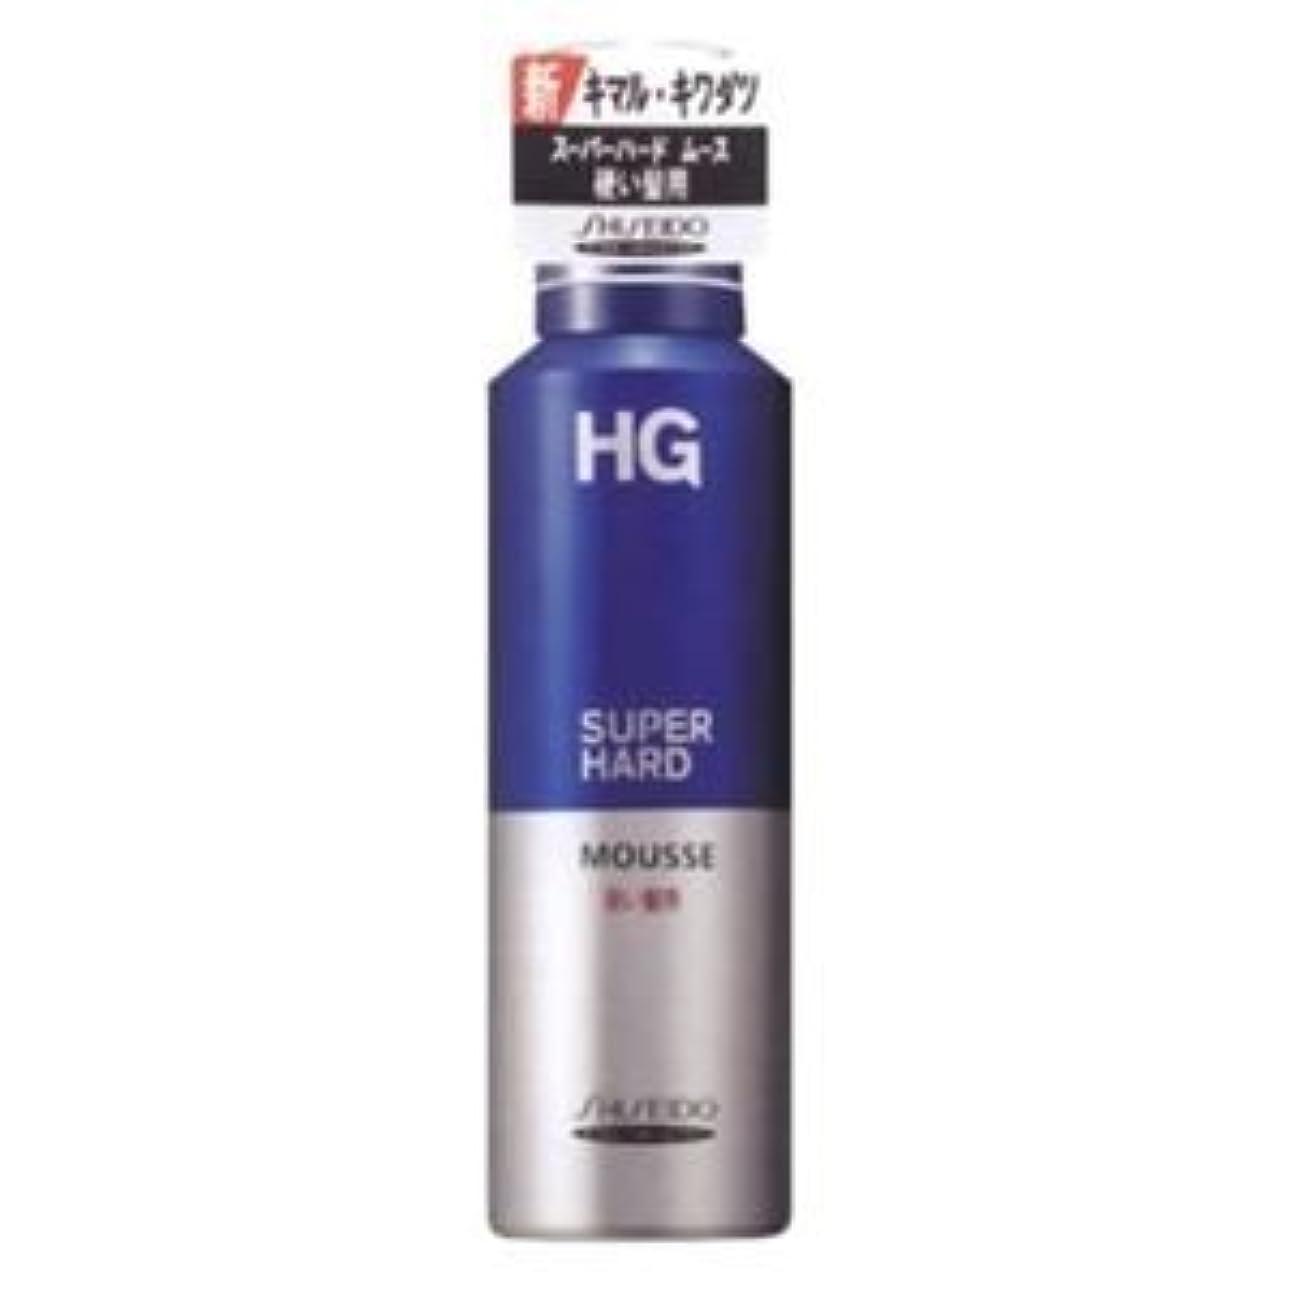 アセかわす一般的にHG スーパーハードムース 硬い髪用 5セット